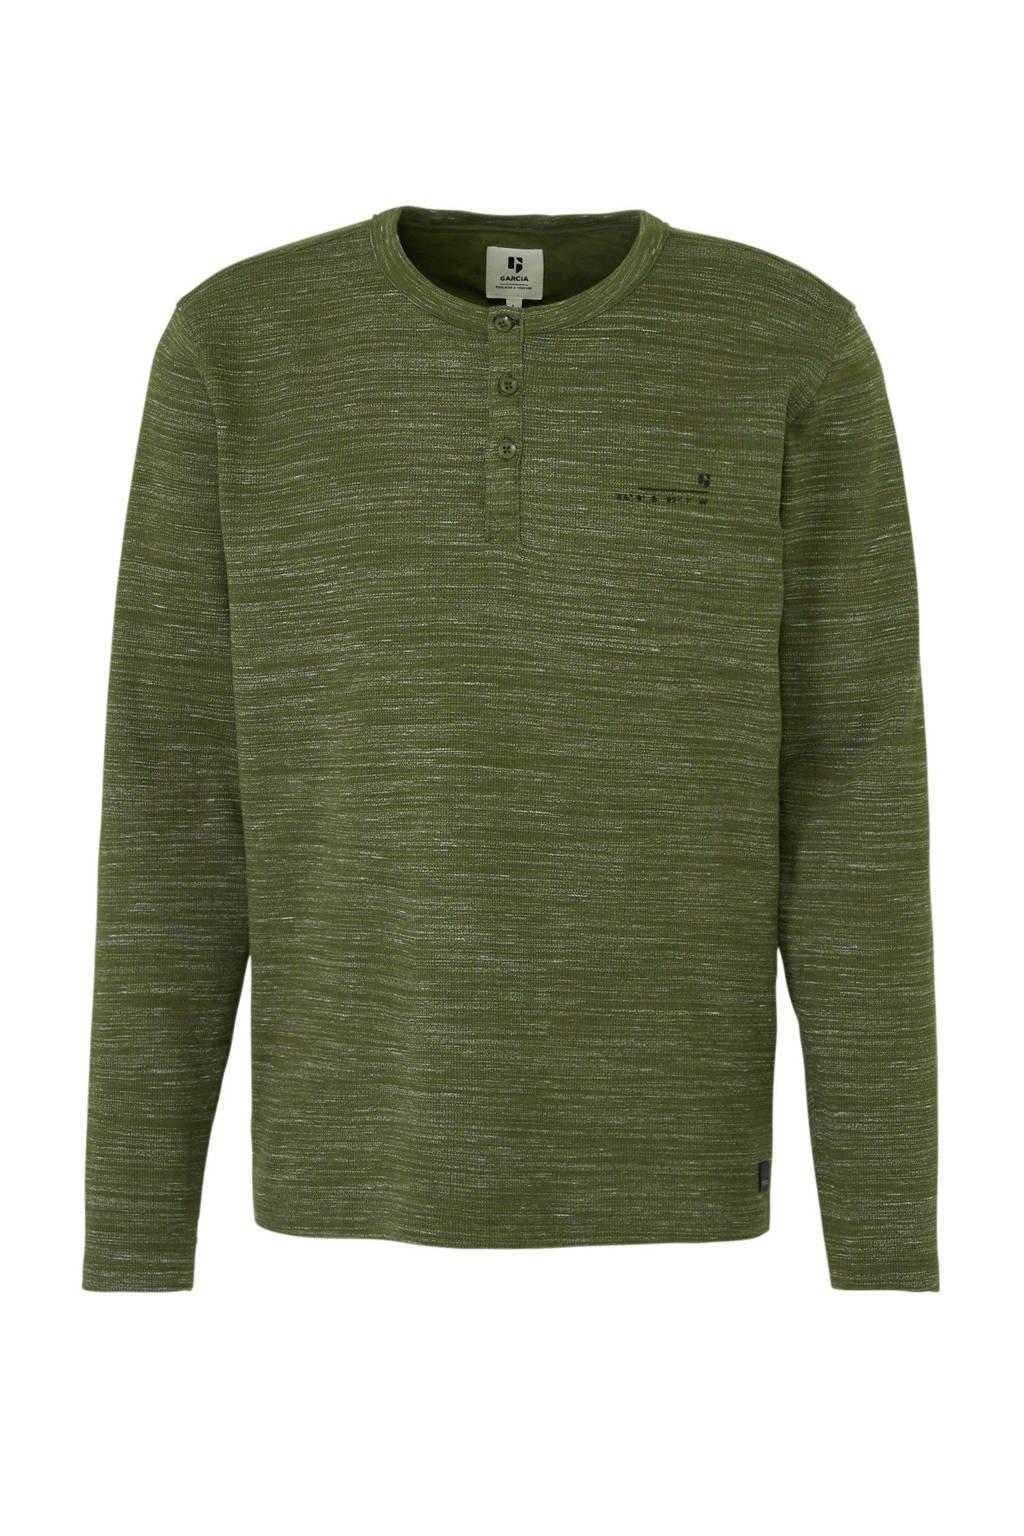 Garcia gemêleerd T-shirt groen, Groen